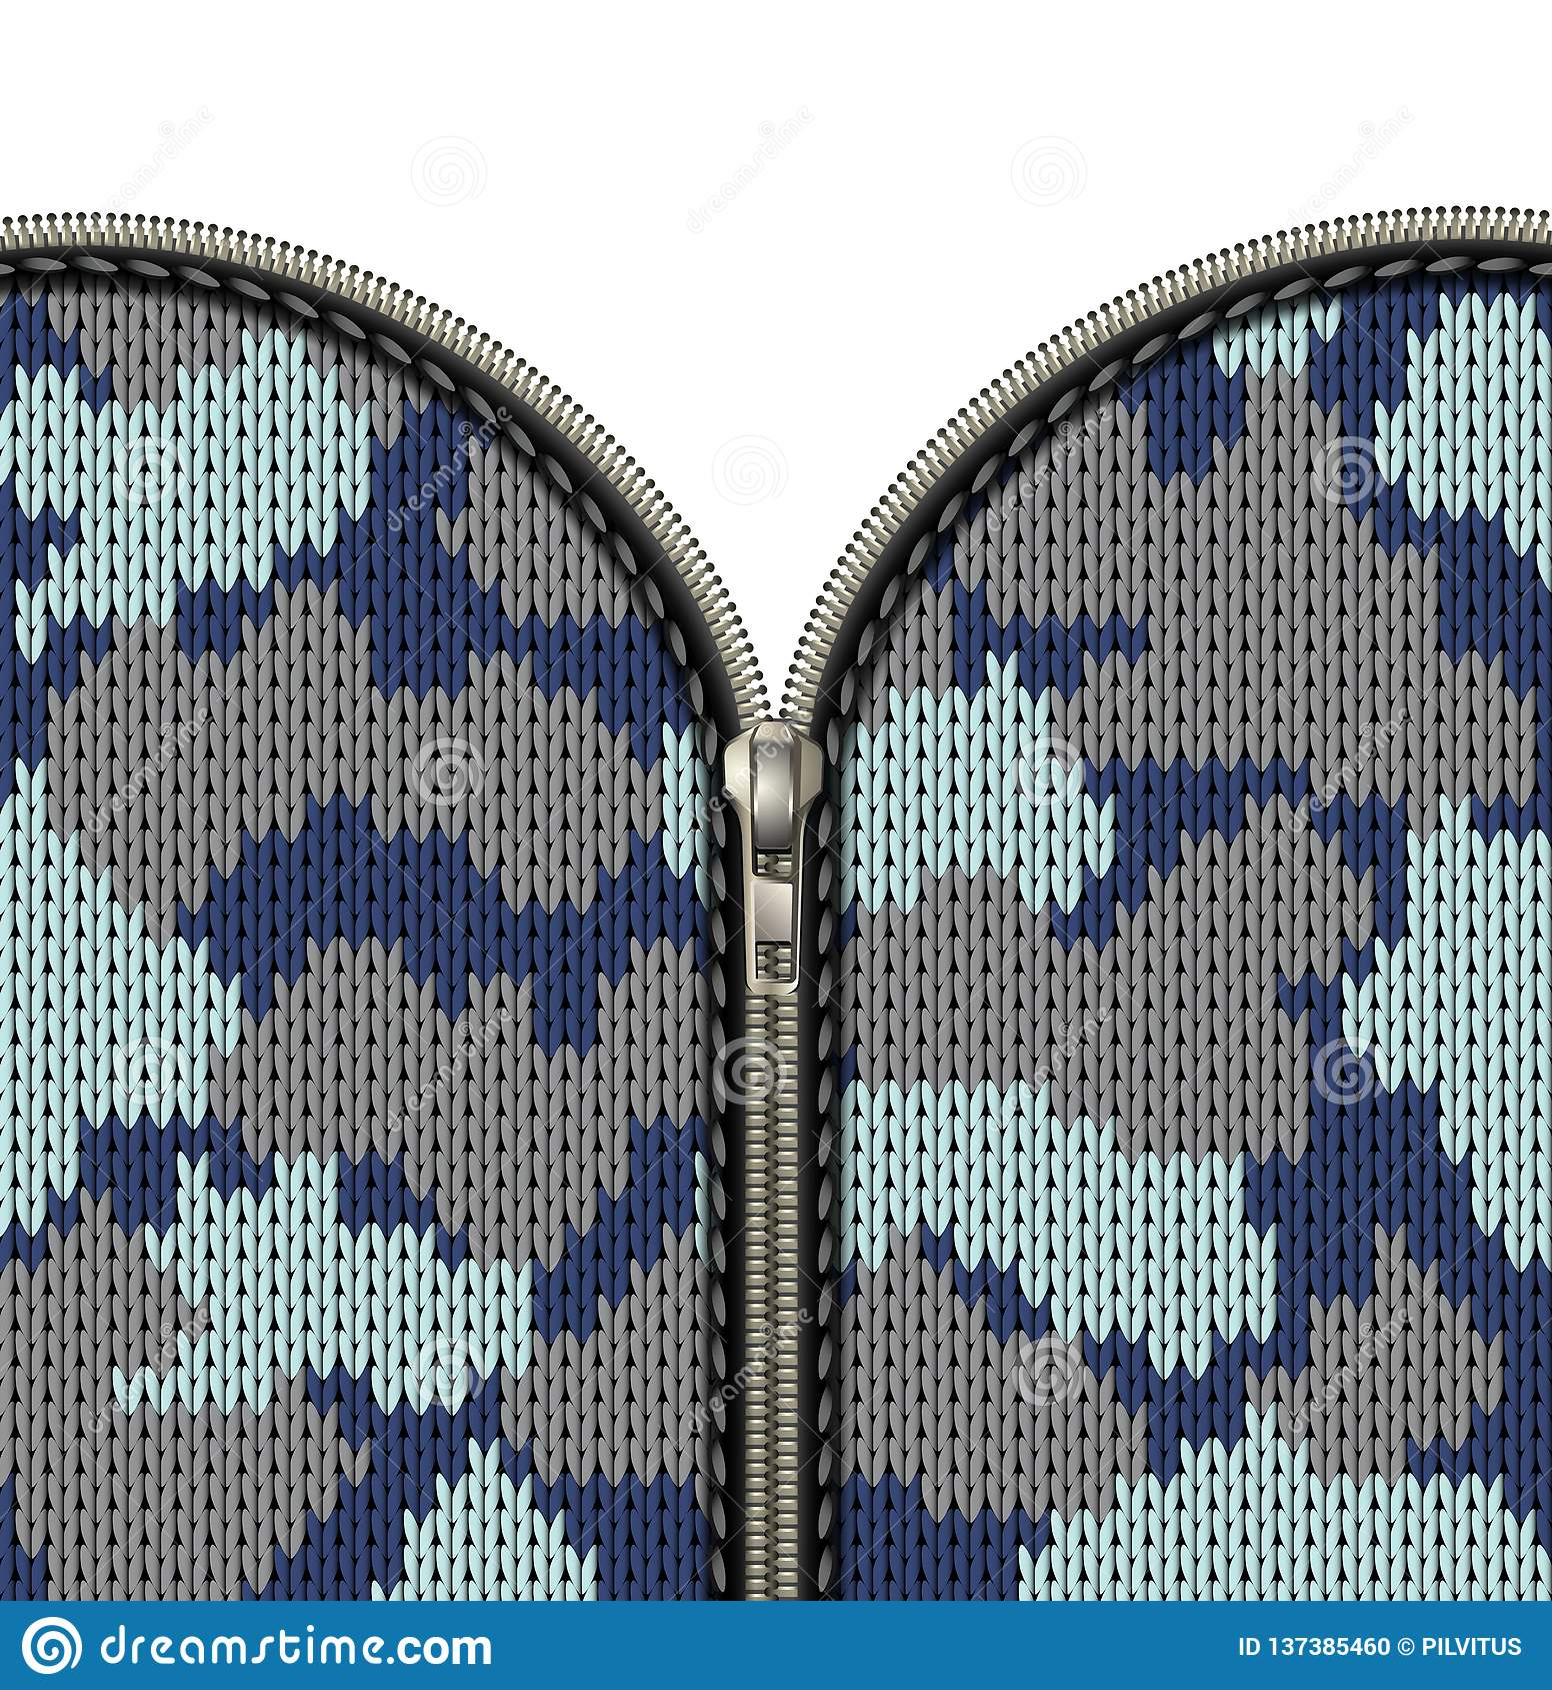 El camuflaje militar hizo punto textura con la cerradura como textura de la tela en tonalidades de color caqui Sujeción y cremall